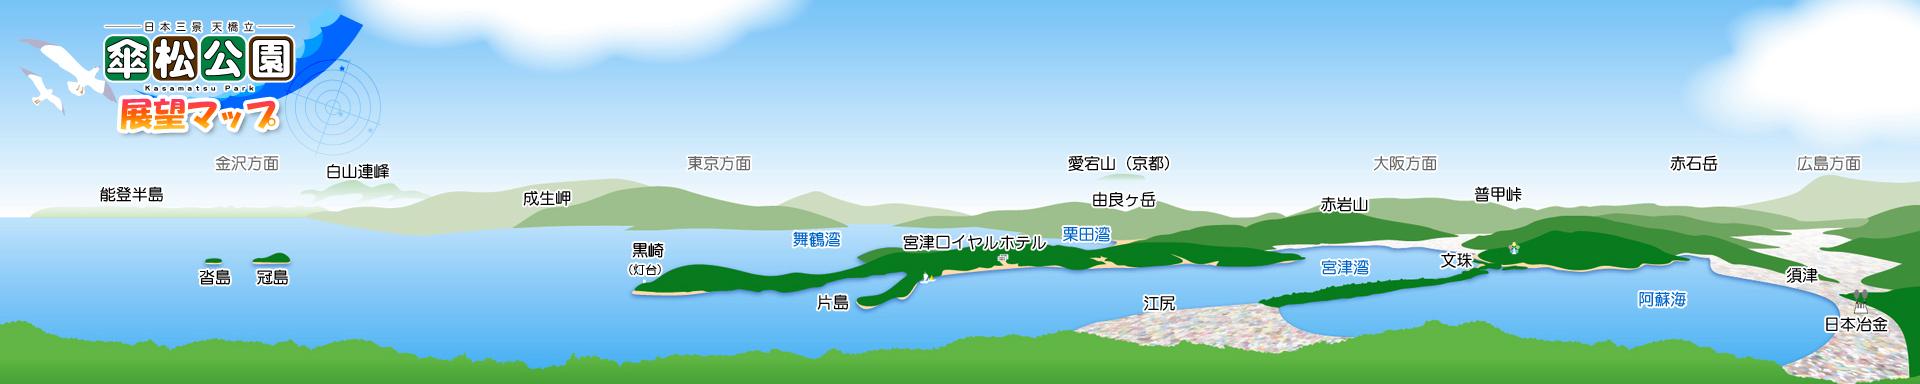 天橋立傘松公園展望マップ